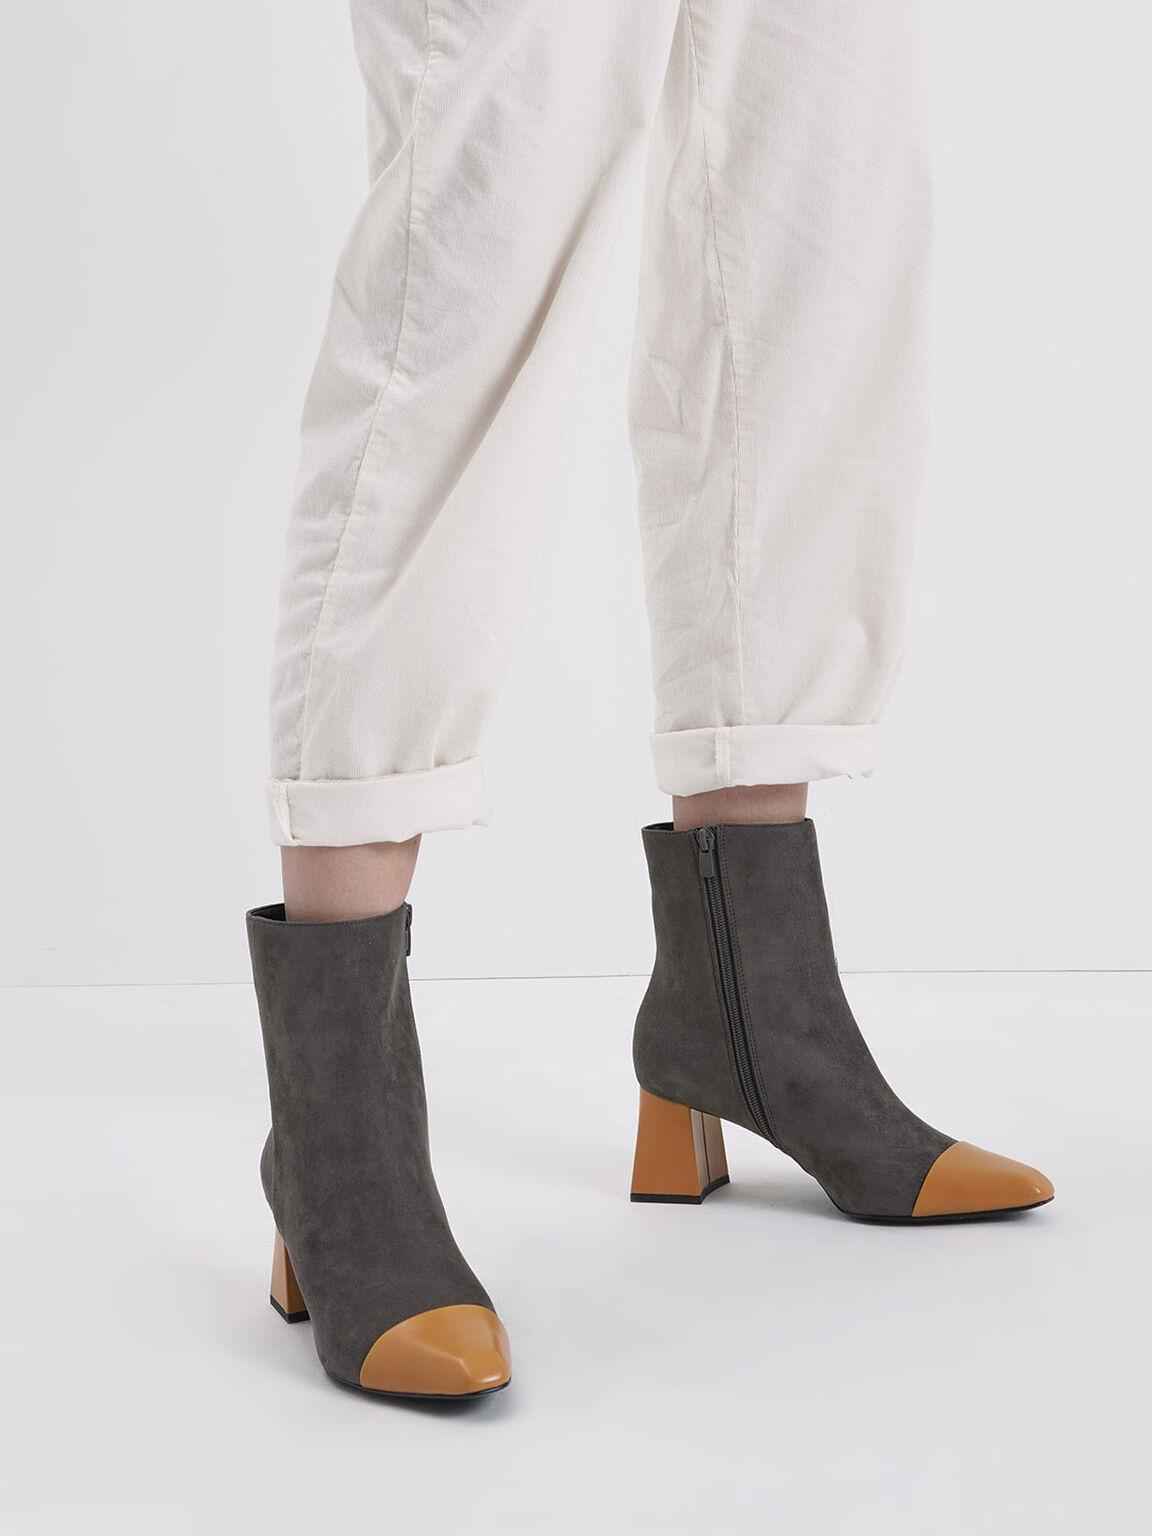 Two-Tone Textured Calf Boots, Dark Grey, hi-res